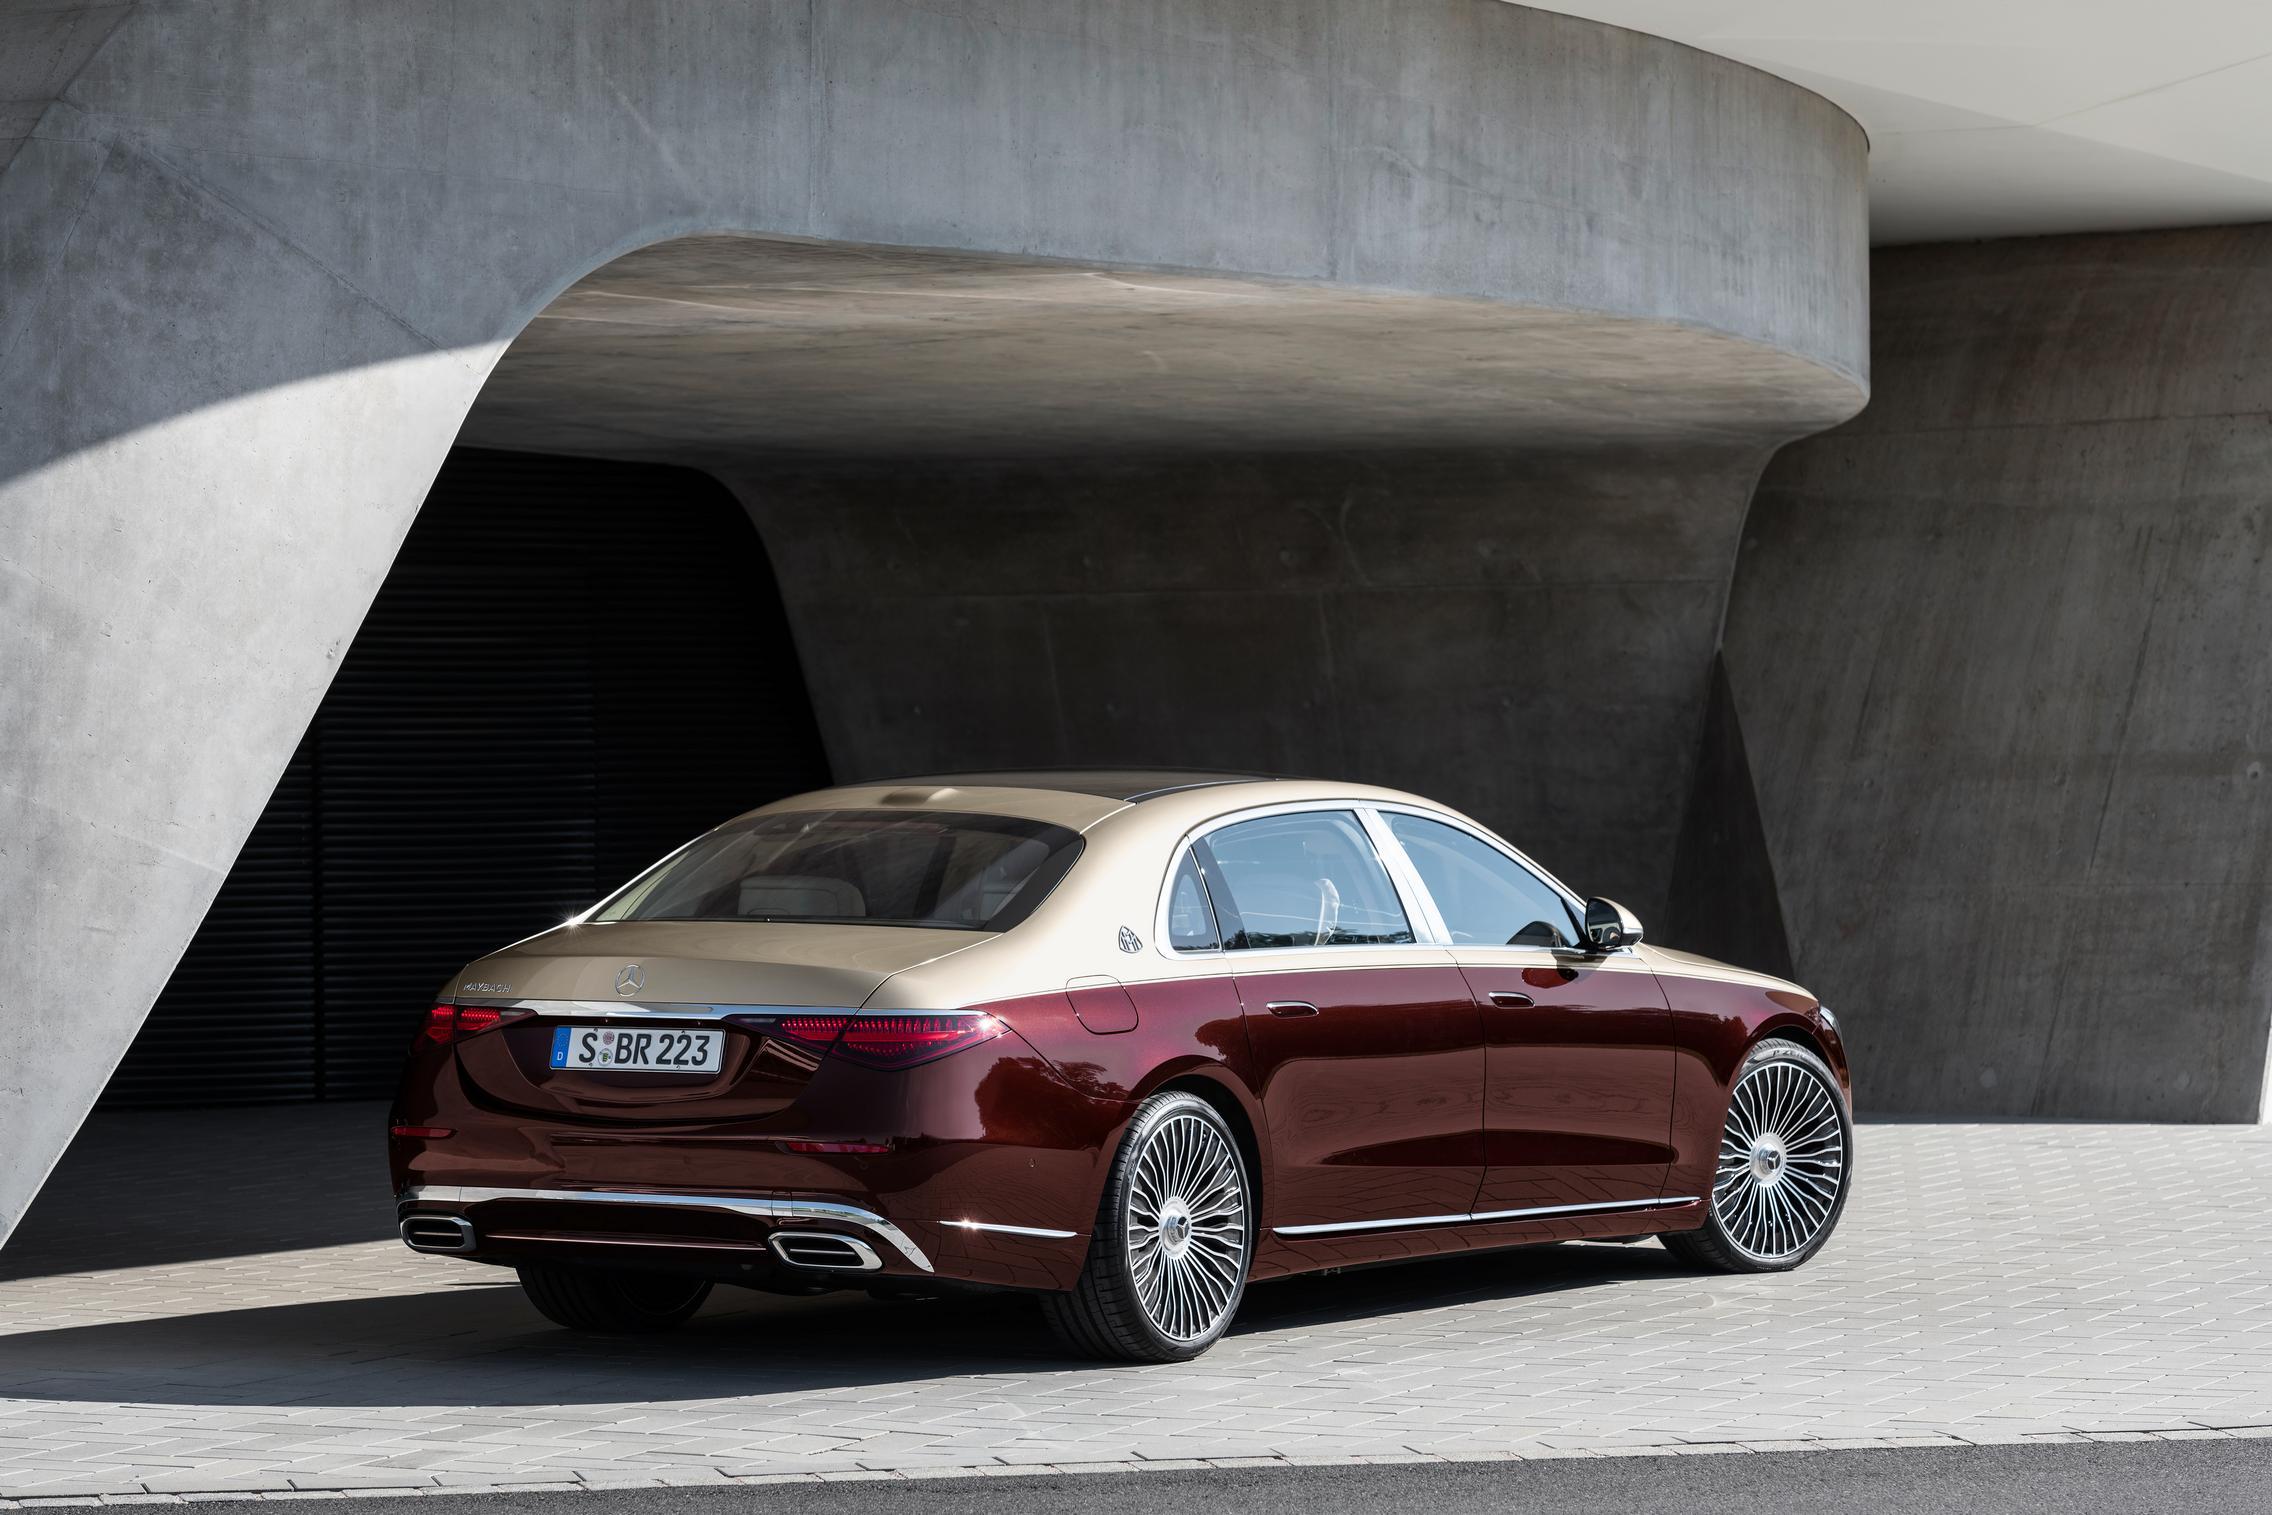 Mercedes-Maybach S-Class Rear Lights